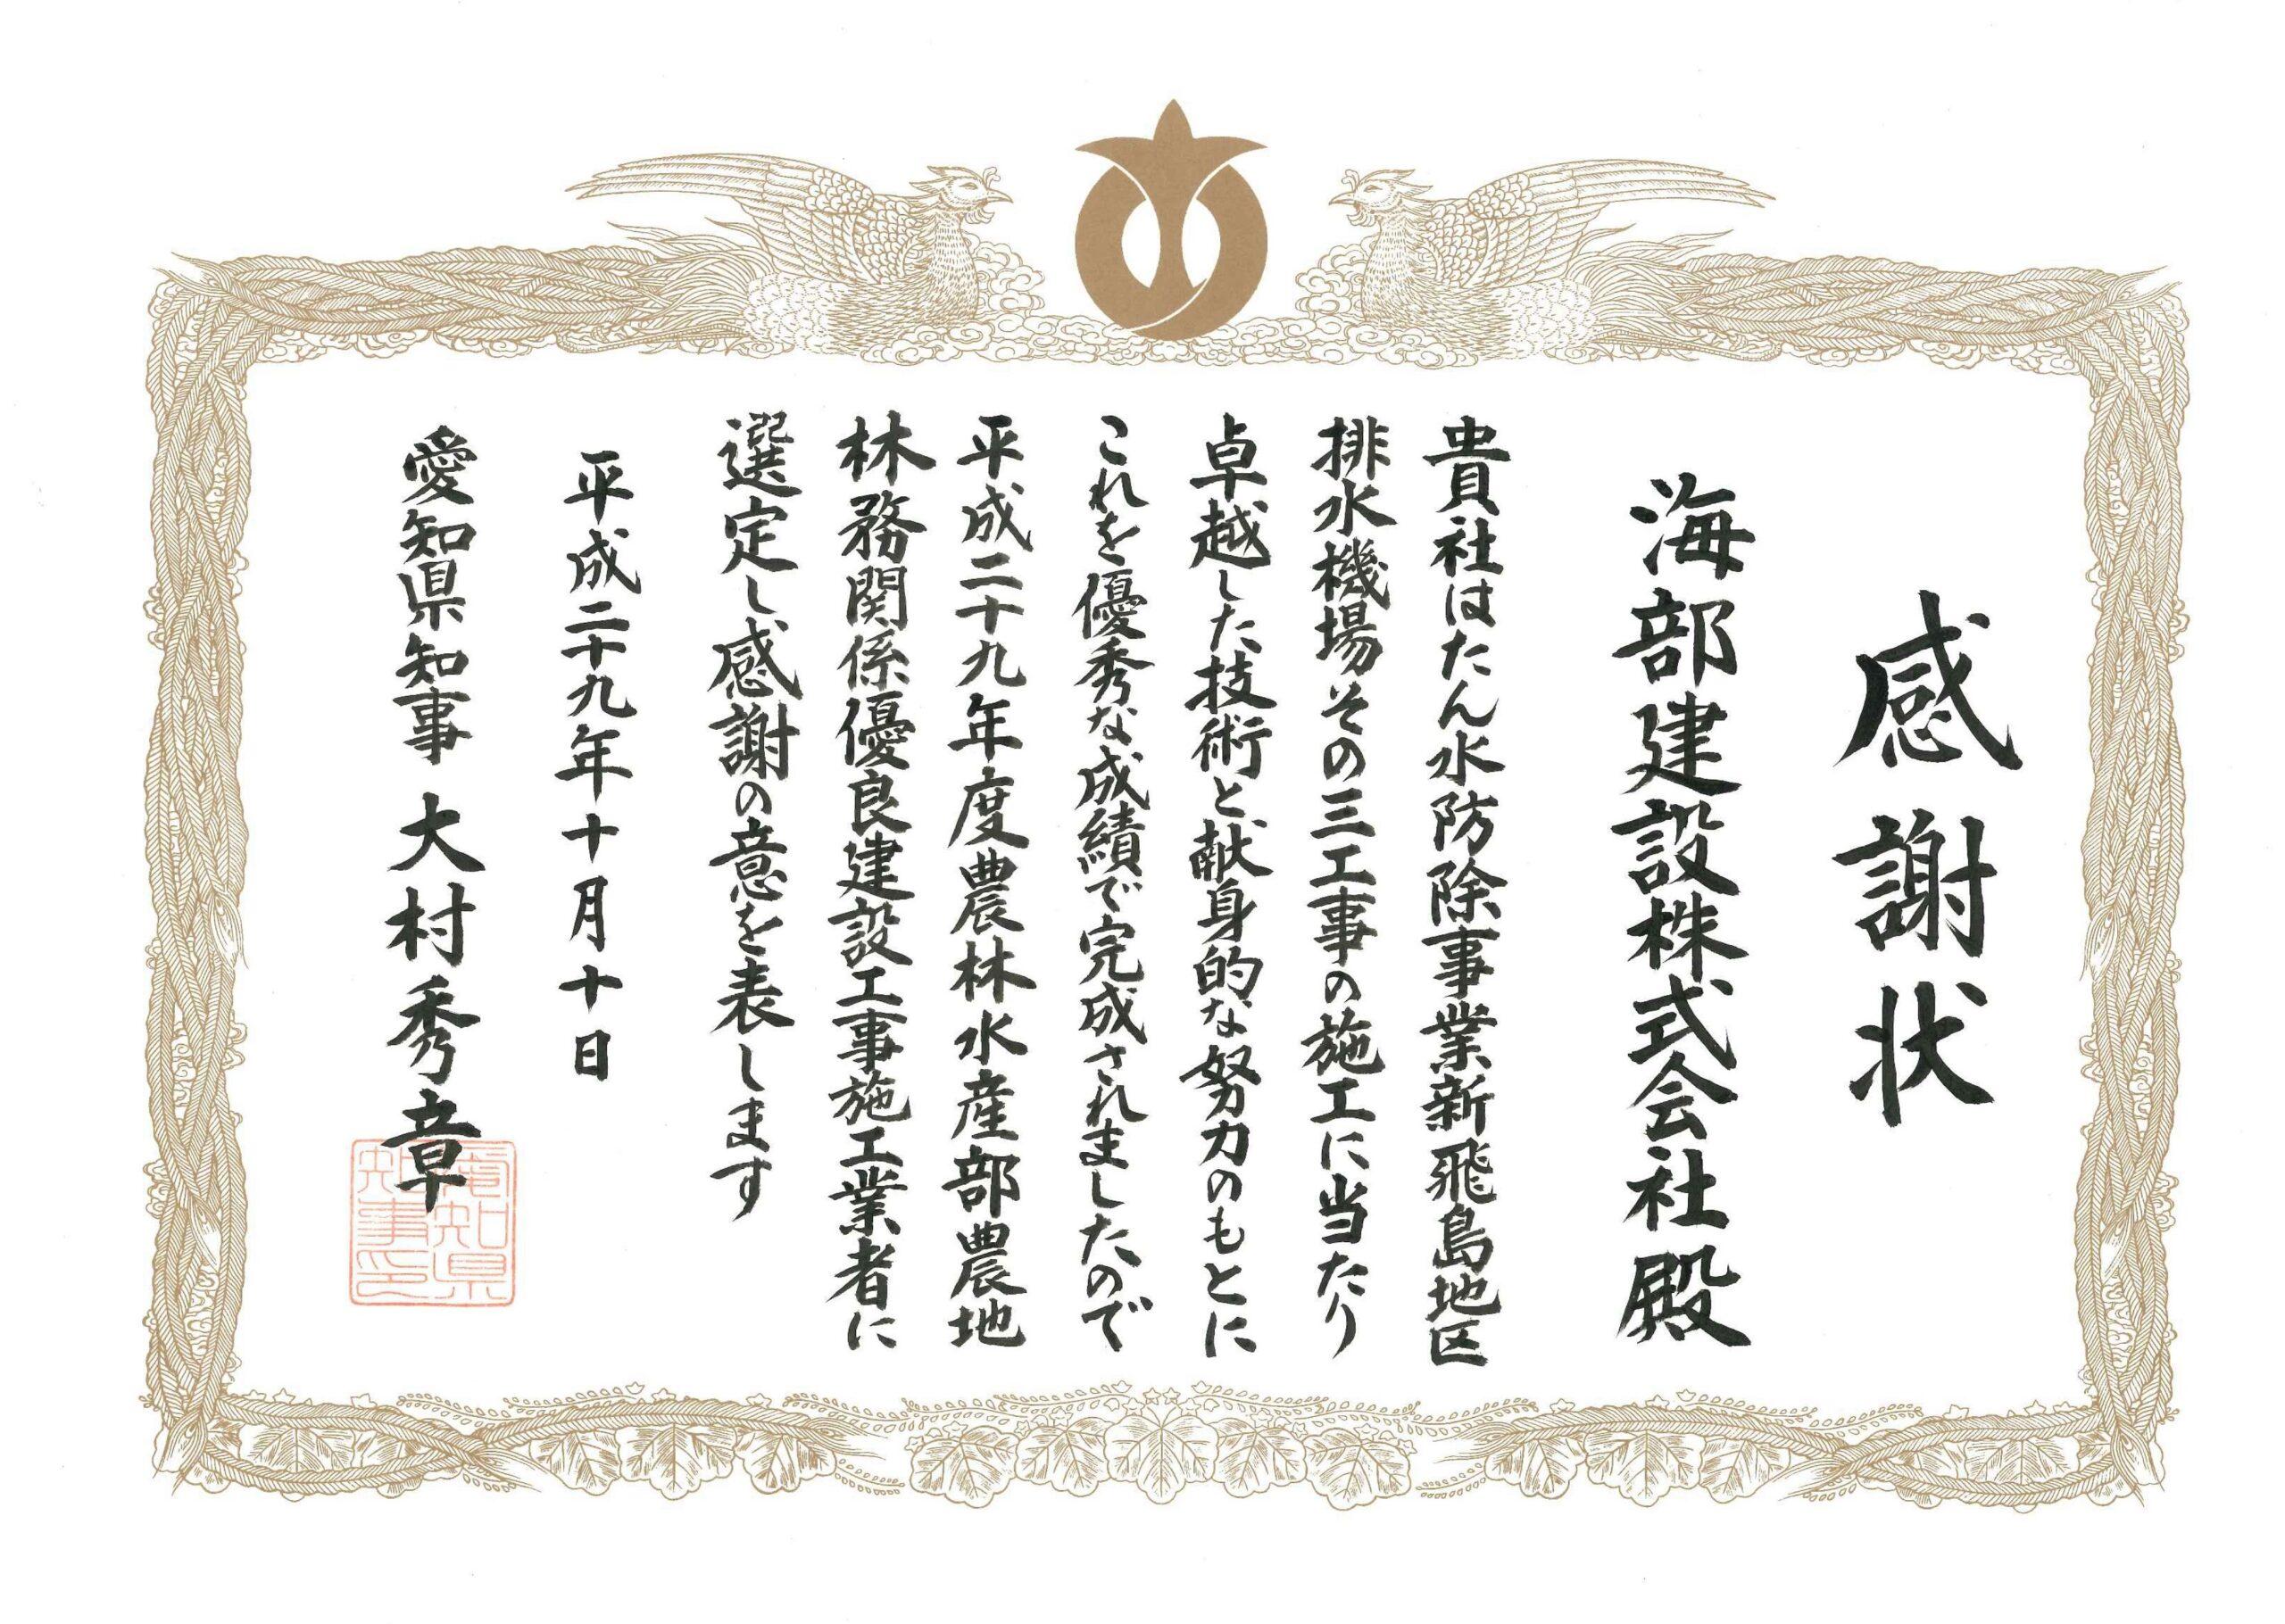 海部建設株式会社の優良工事表彰(たん水防除事業 新飛島地区 排水機場その3工事)